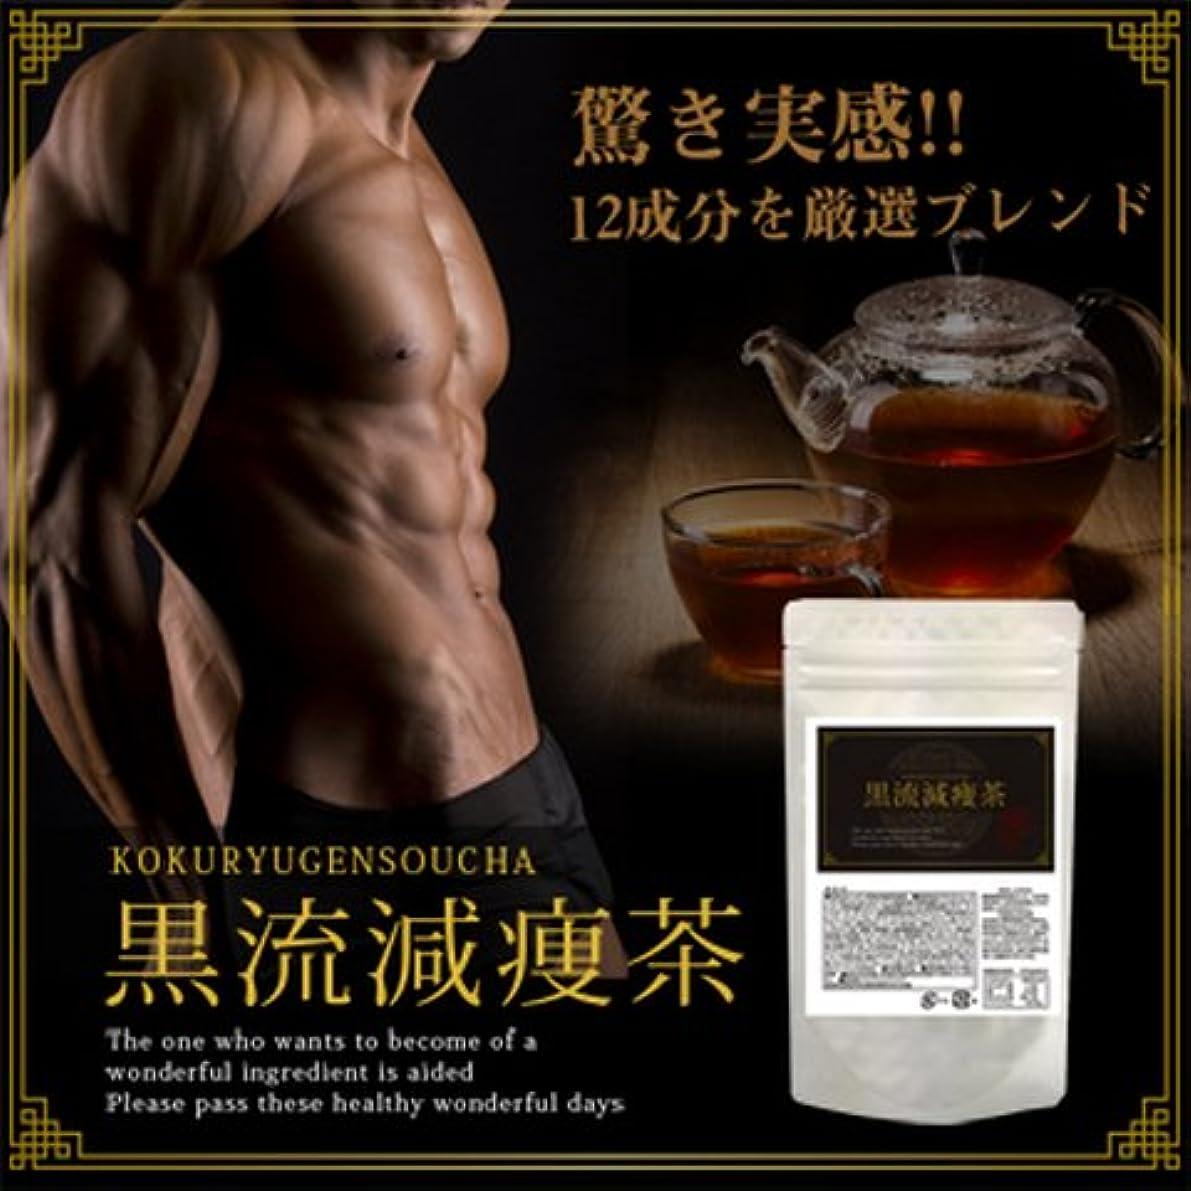 エスカレーターログ護衛黒流減痩茶 (黄金茶葉厳選12種配合ダイエット茶)